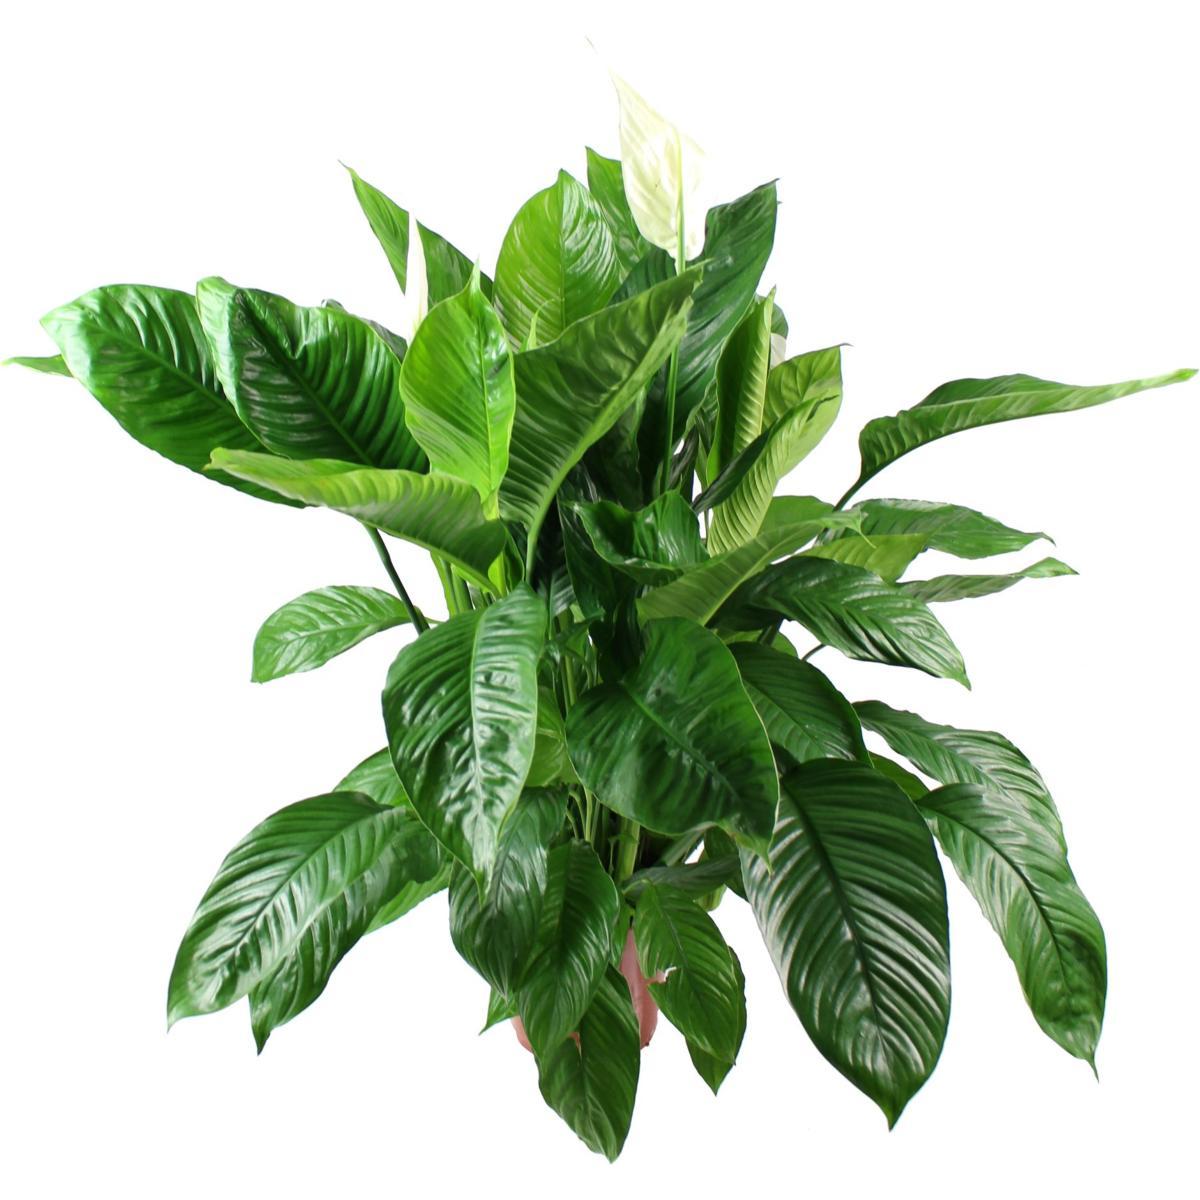 La fontaine fleurie plante verte spathiphyllum for La plante verte